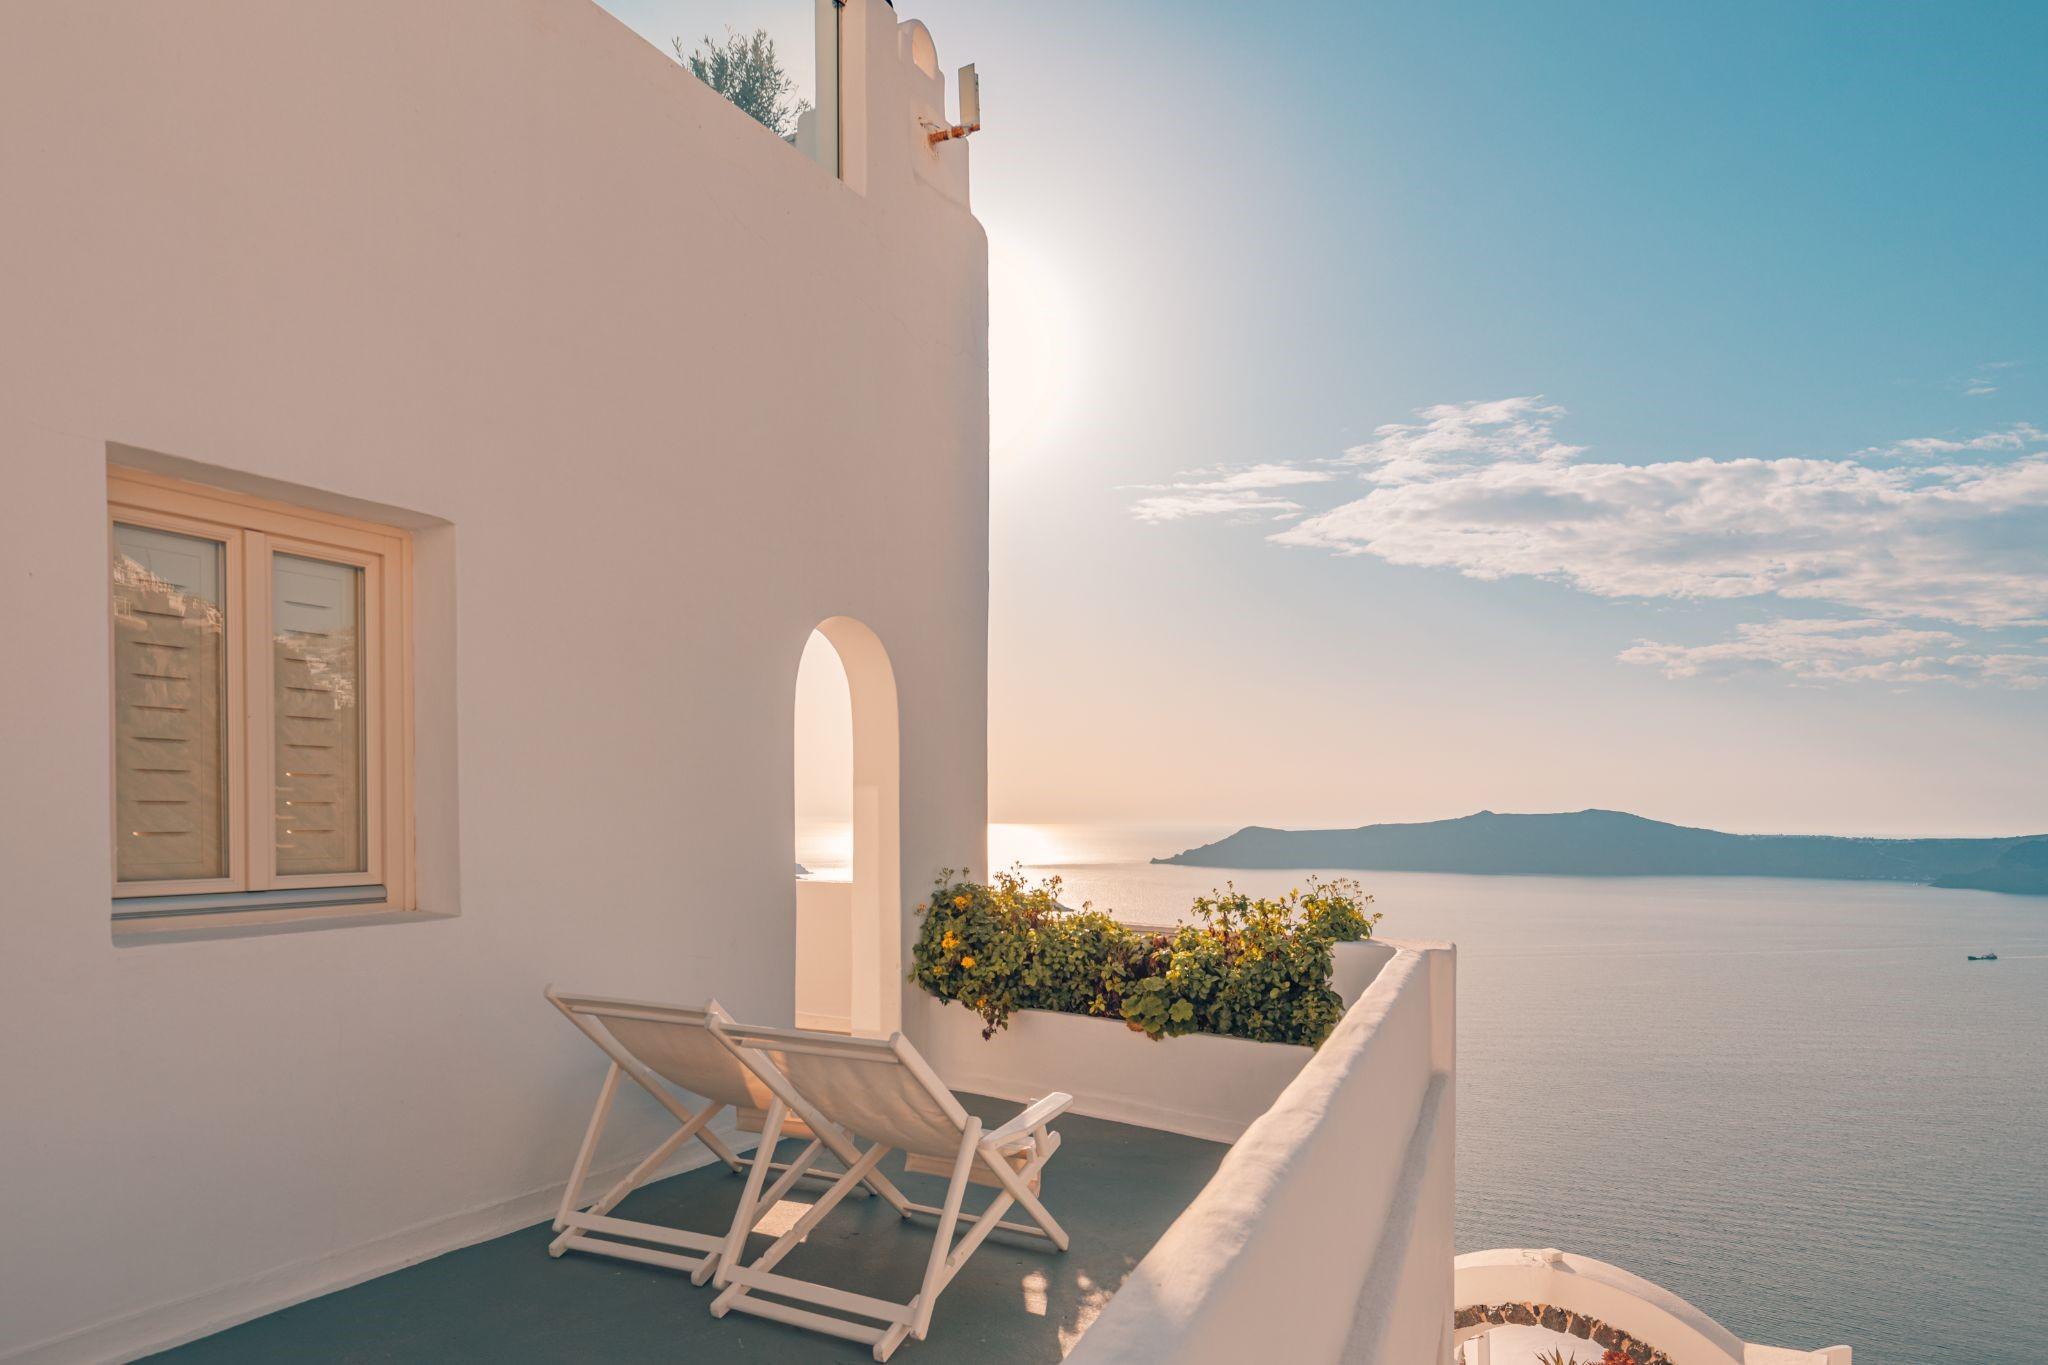 Mediterranean design style